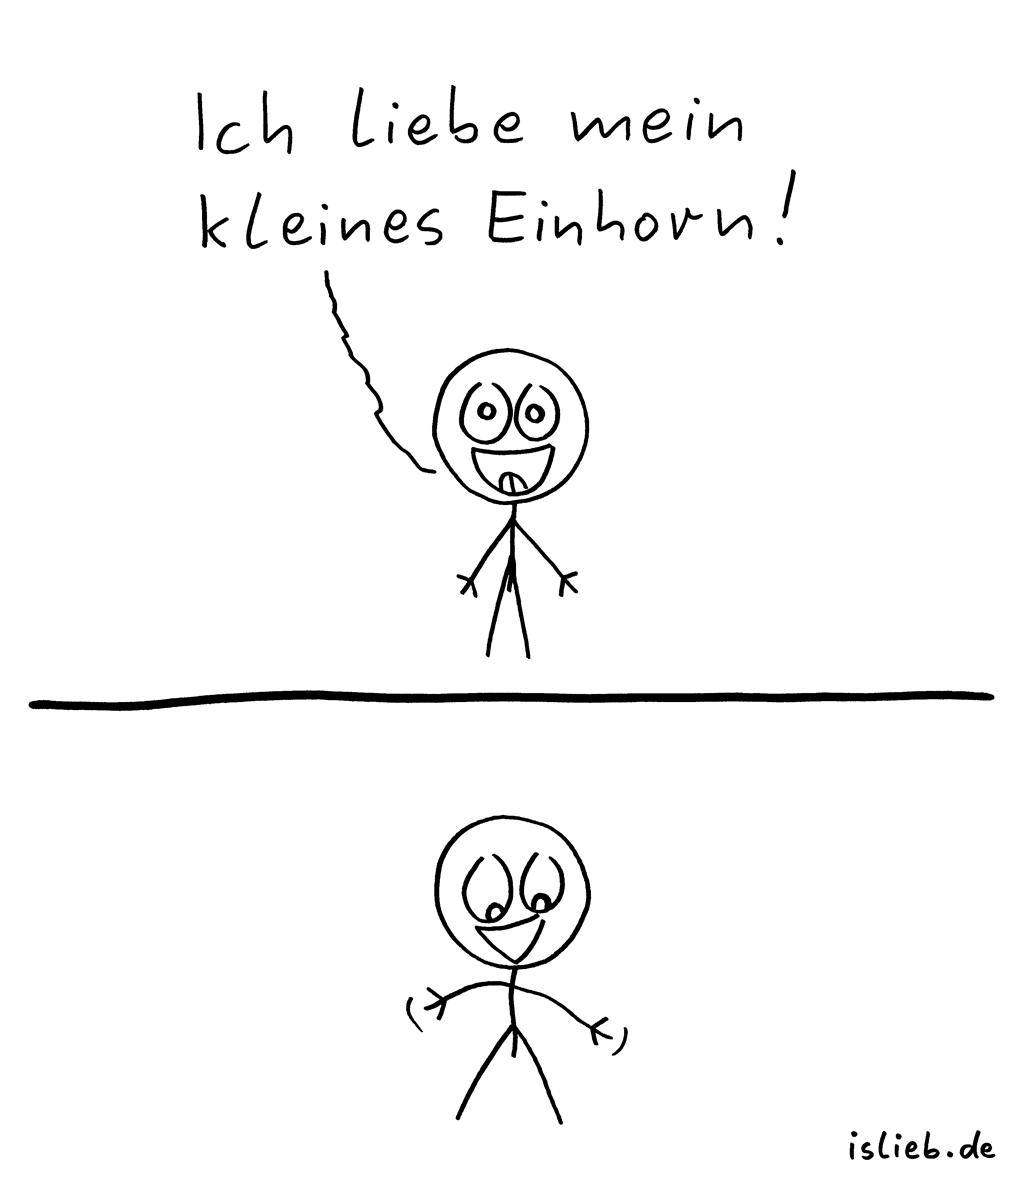 Mein kleines Einhorn | Strichmännchen-Comic | is lieb? | Ich liebe mein kleines Einhorn | Penis, Pimmel, kindisch, albern, pubertär